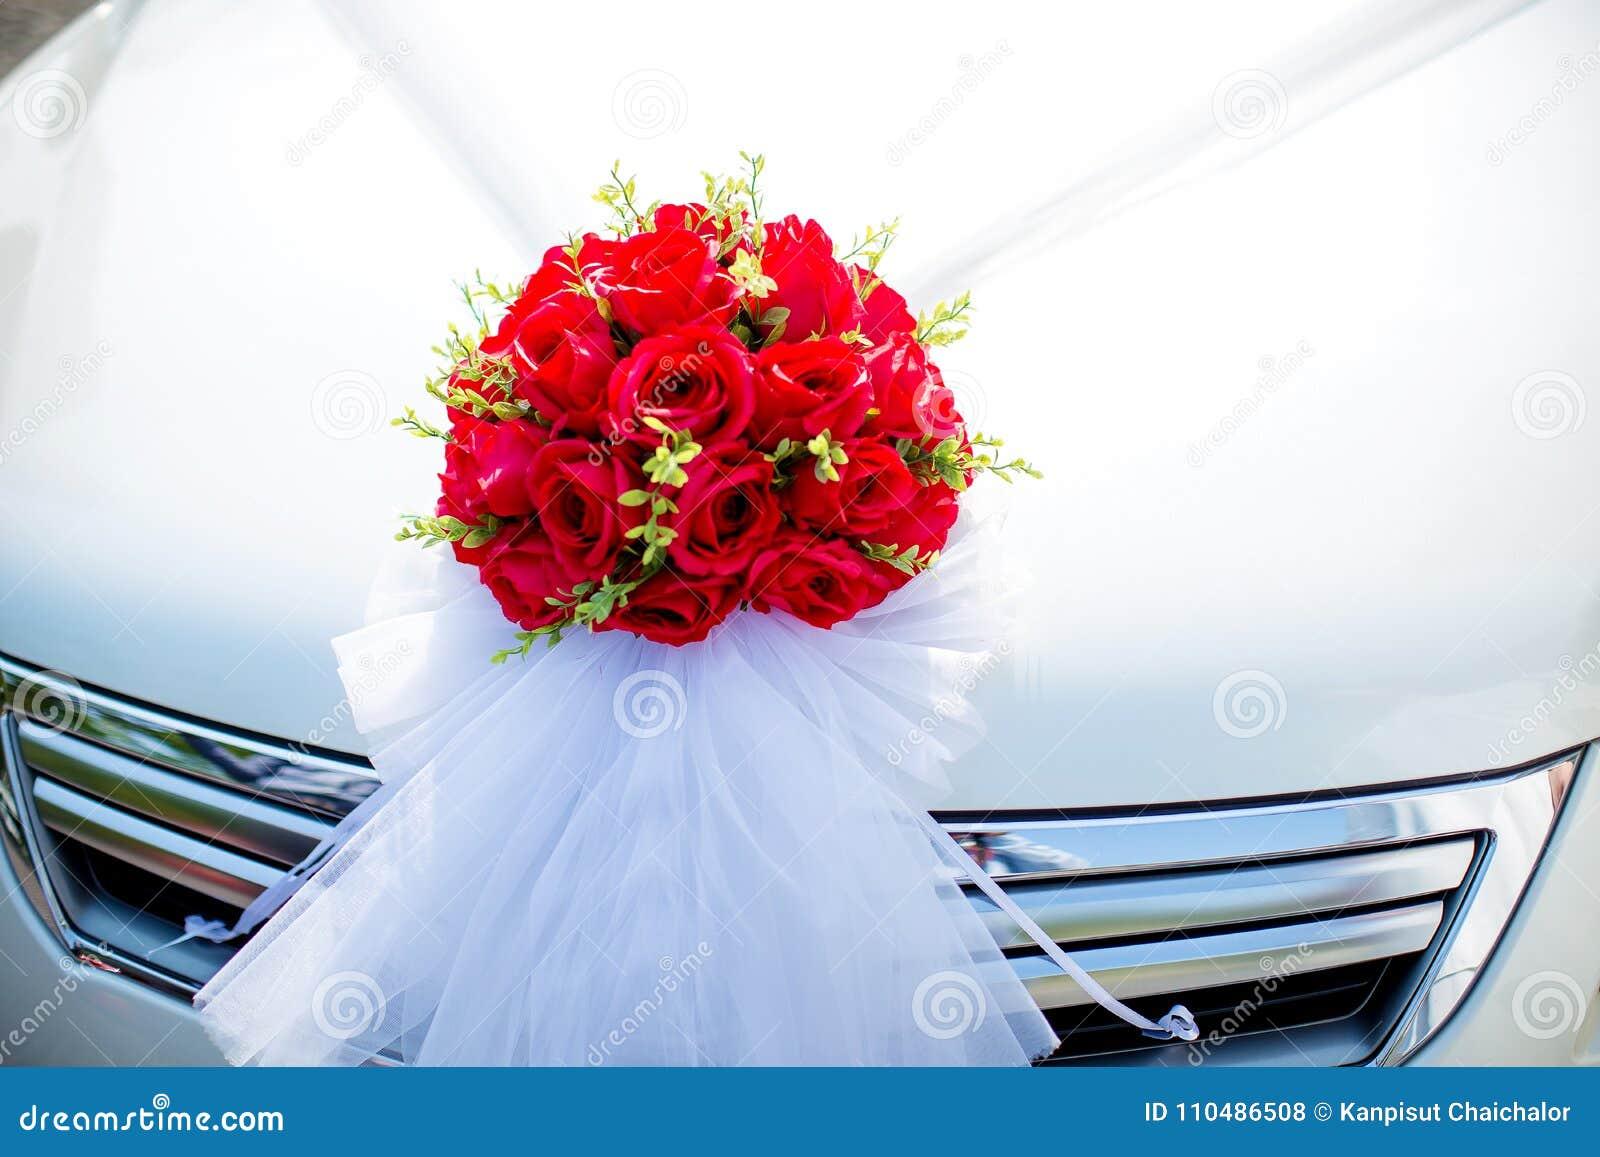 Wedding Car Wedding Decoration On Wedding Car Luxury Wedding Car